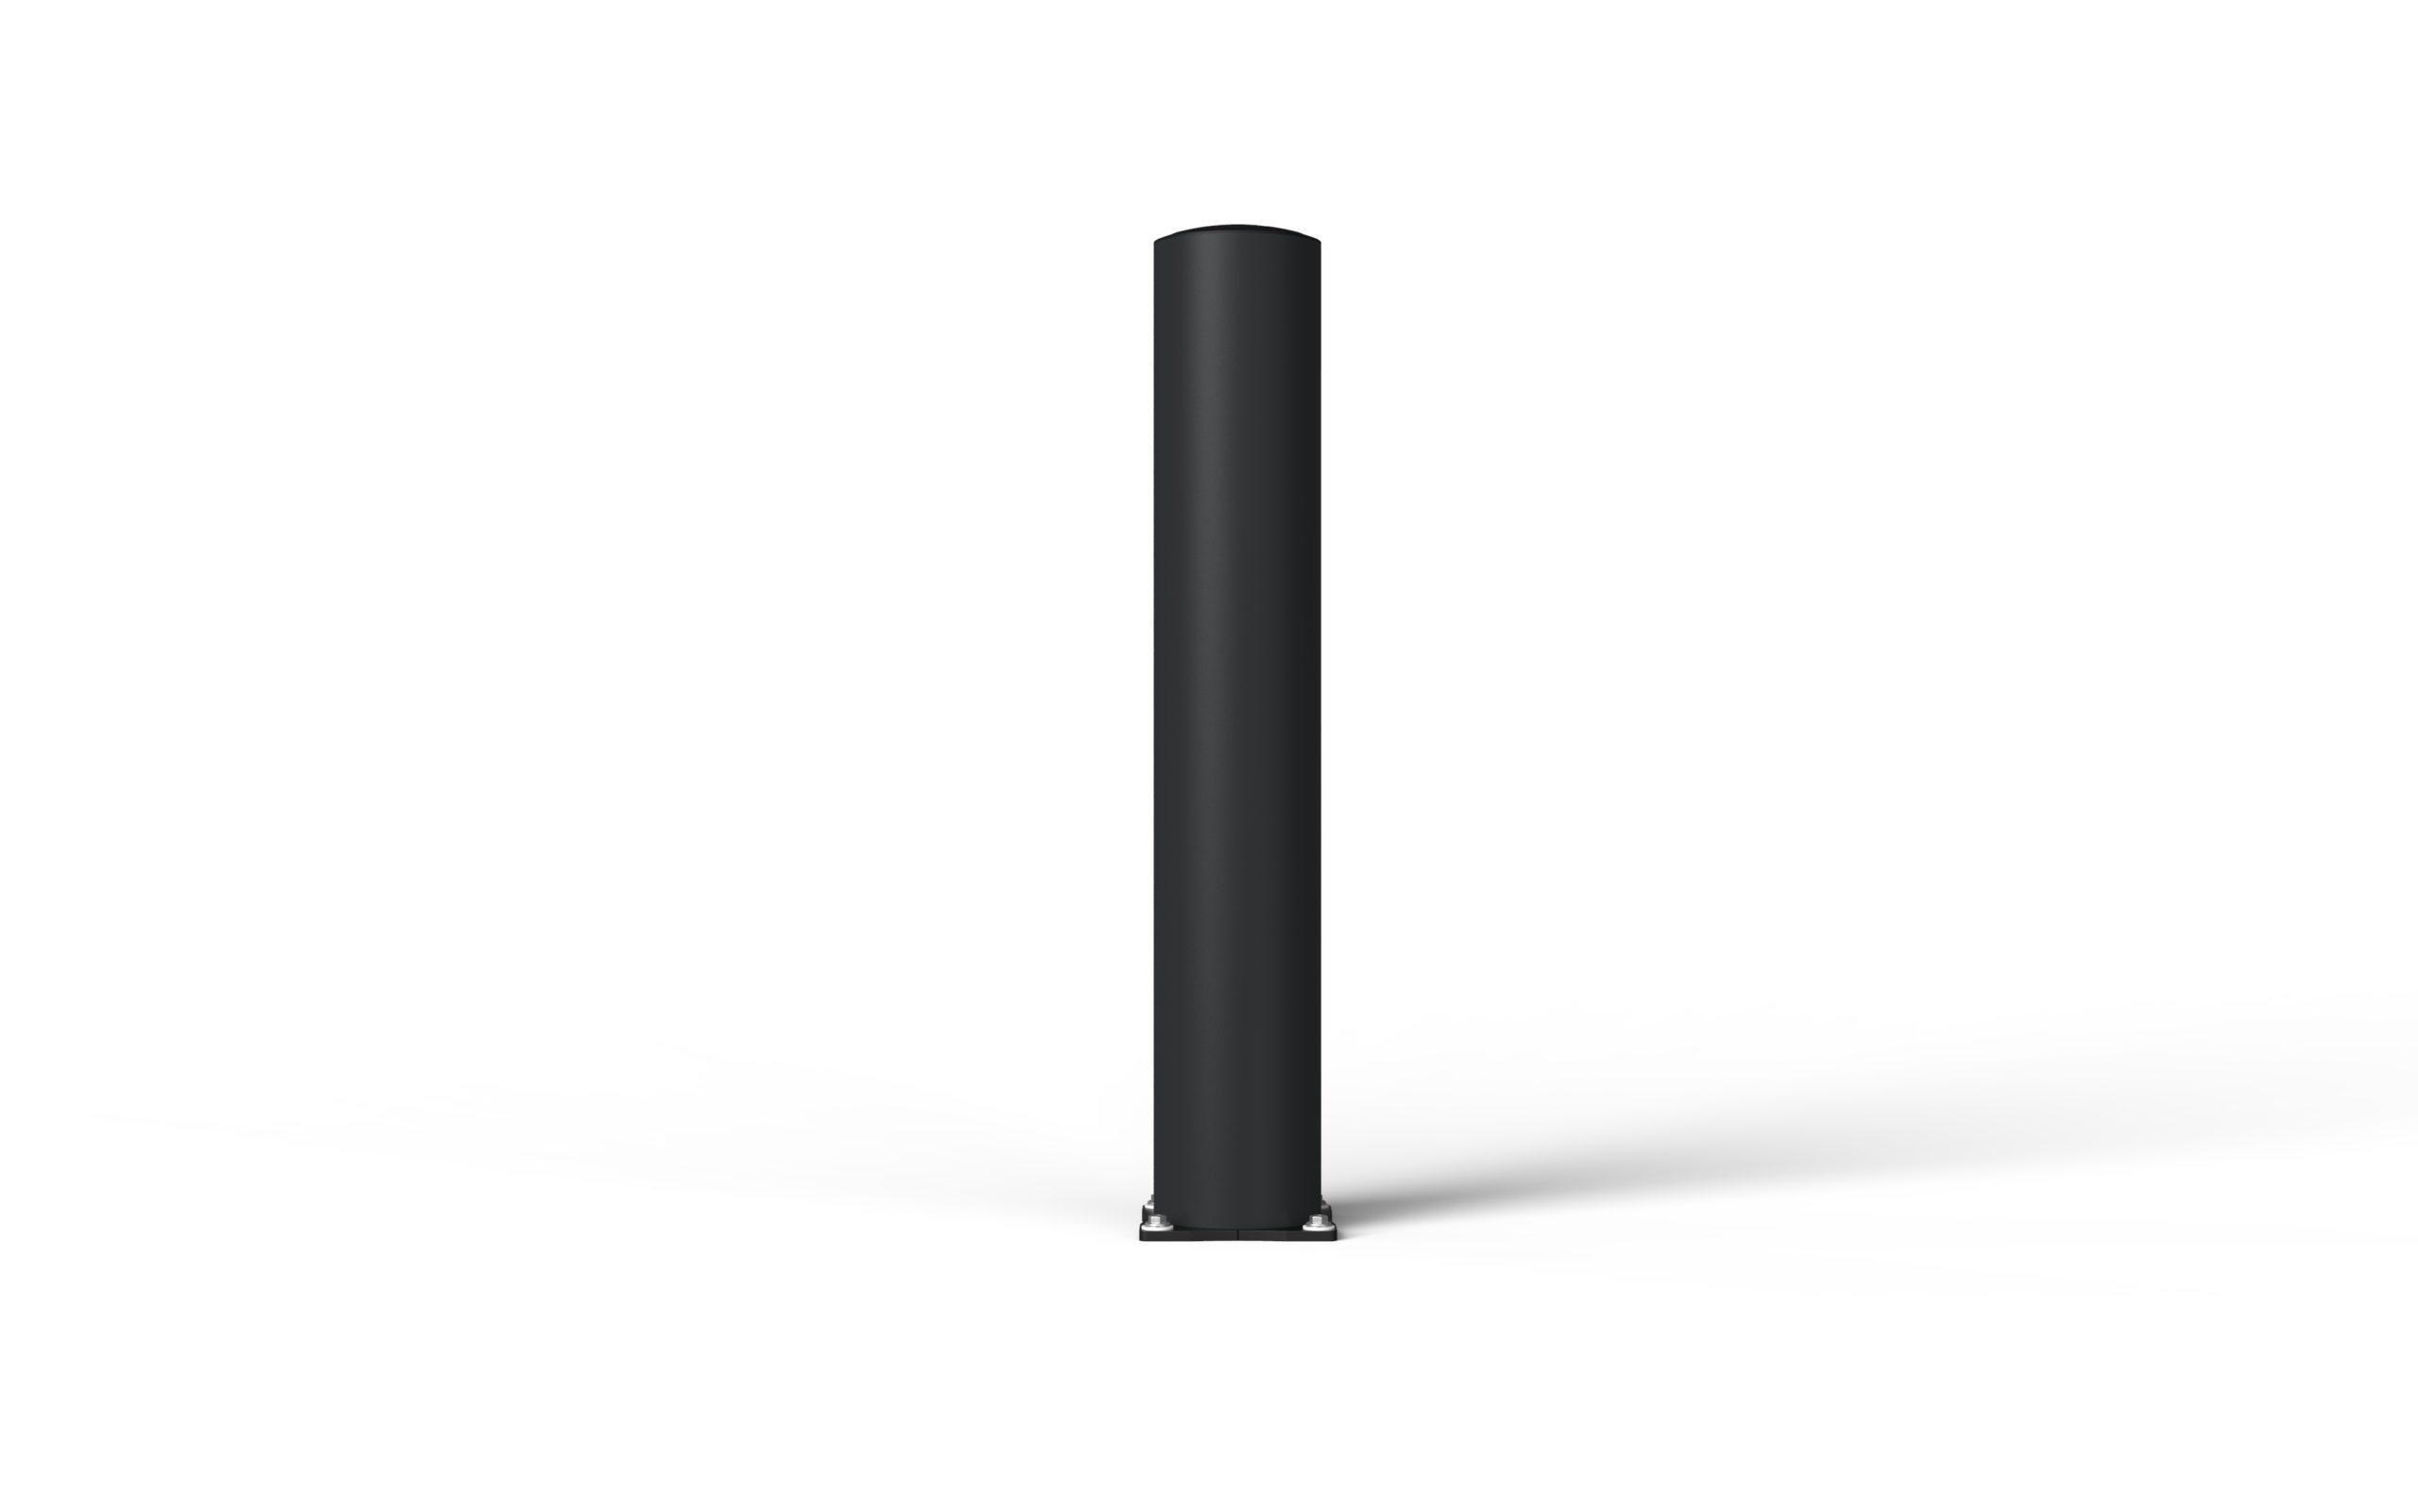 Schutzpoller boplan® BO Impact Ø200 – Höhe 1200 mm – schwarz mit galvanisch verzinkter Bodenplatte